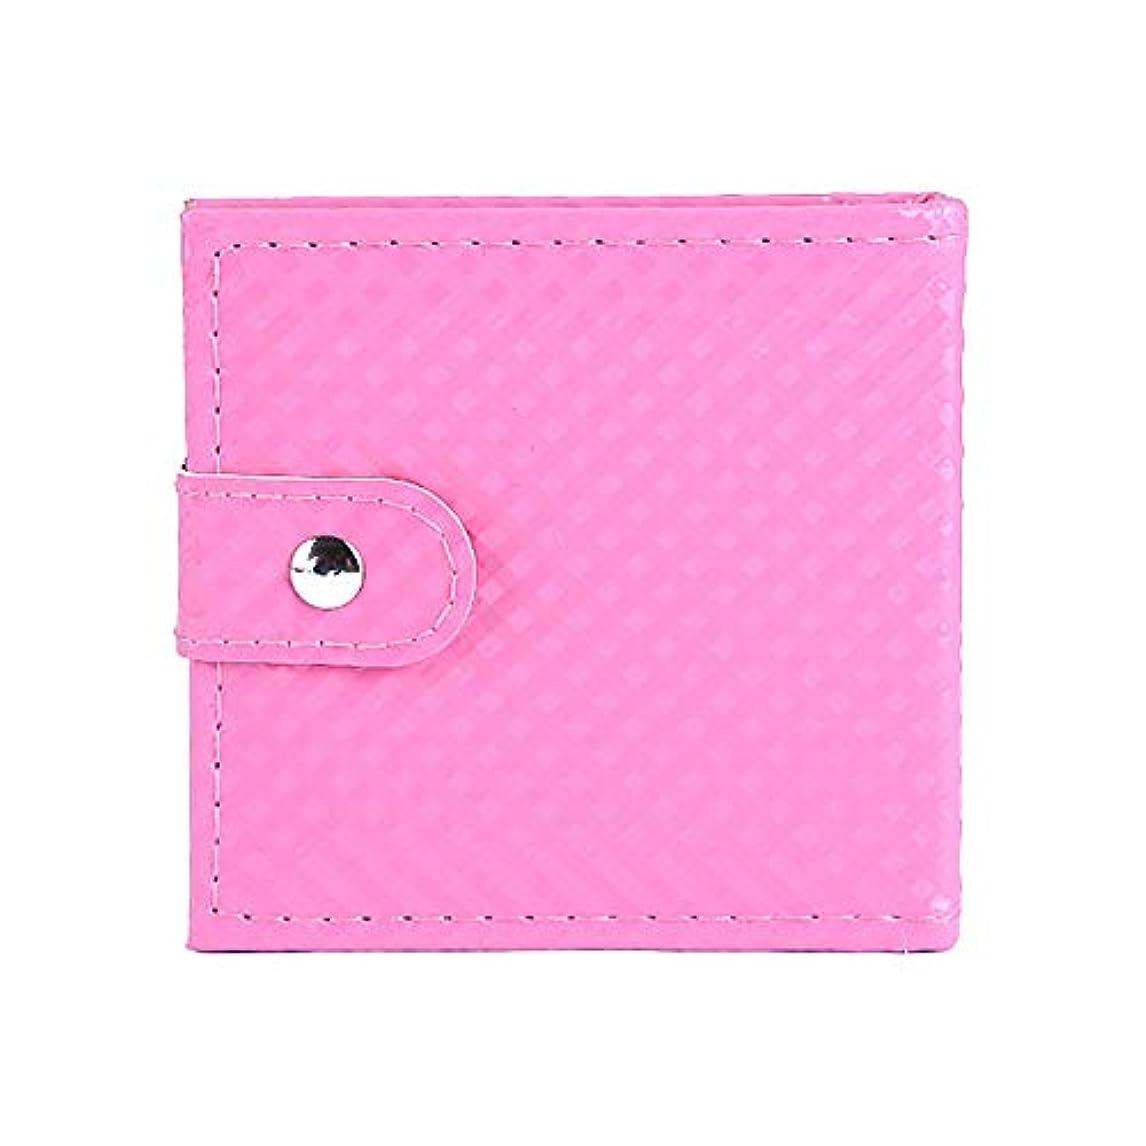 キャリッジ貫通繕うAkane アイシャドウパレット 可愛い 魅力的 ファッション 人気 気質的 グロス 持ち便利 チャーム 防水 長持ち おしゃれ Eye Shadow (32色) YYP